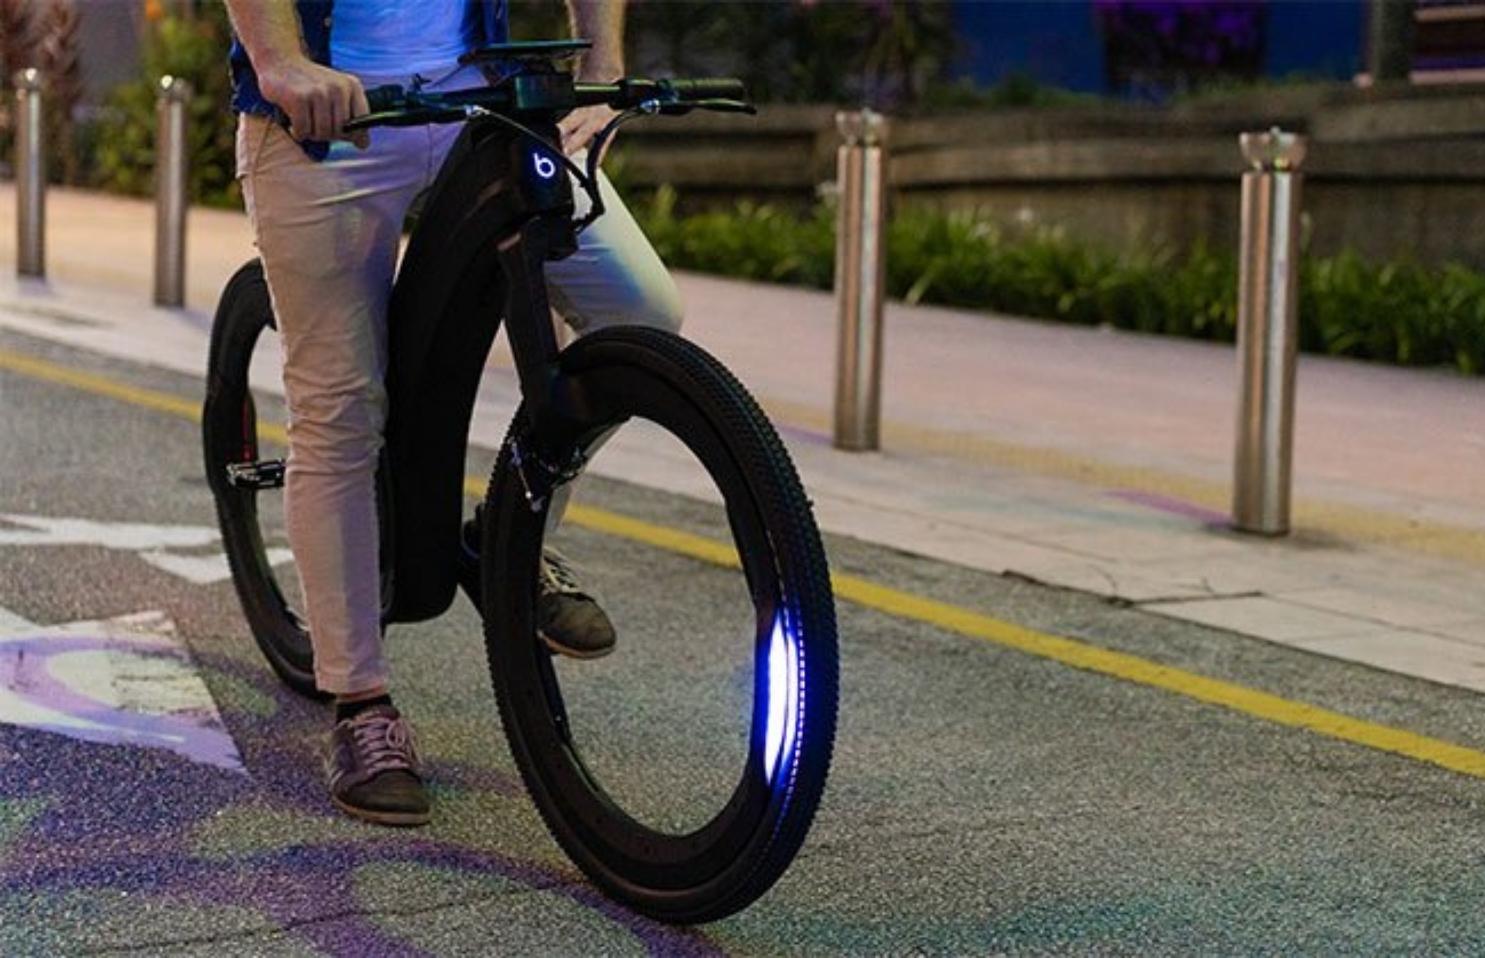 Reevo : The Hubless E-Bike